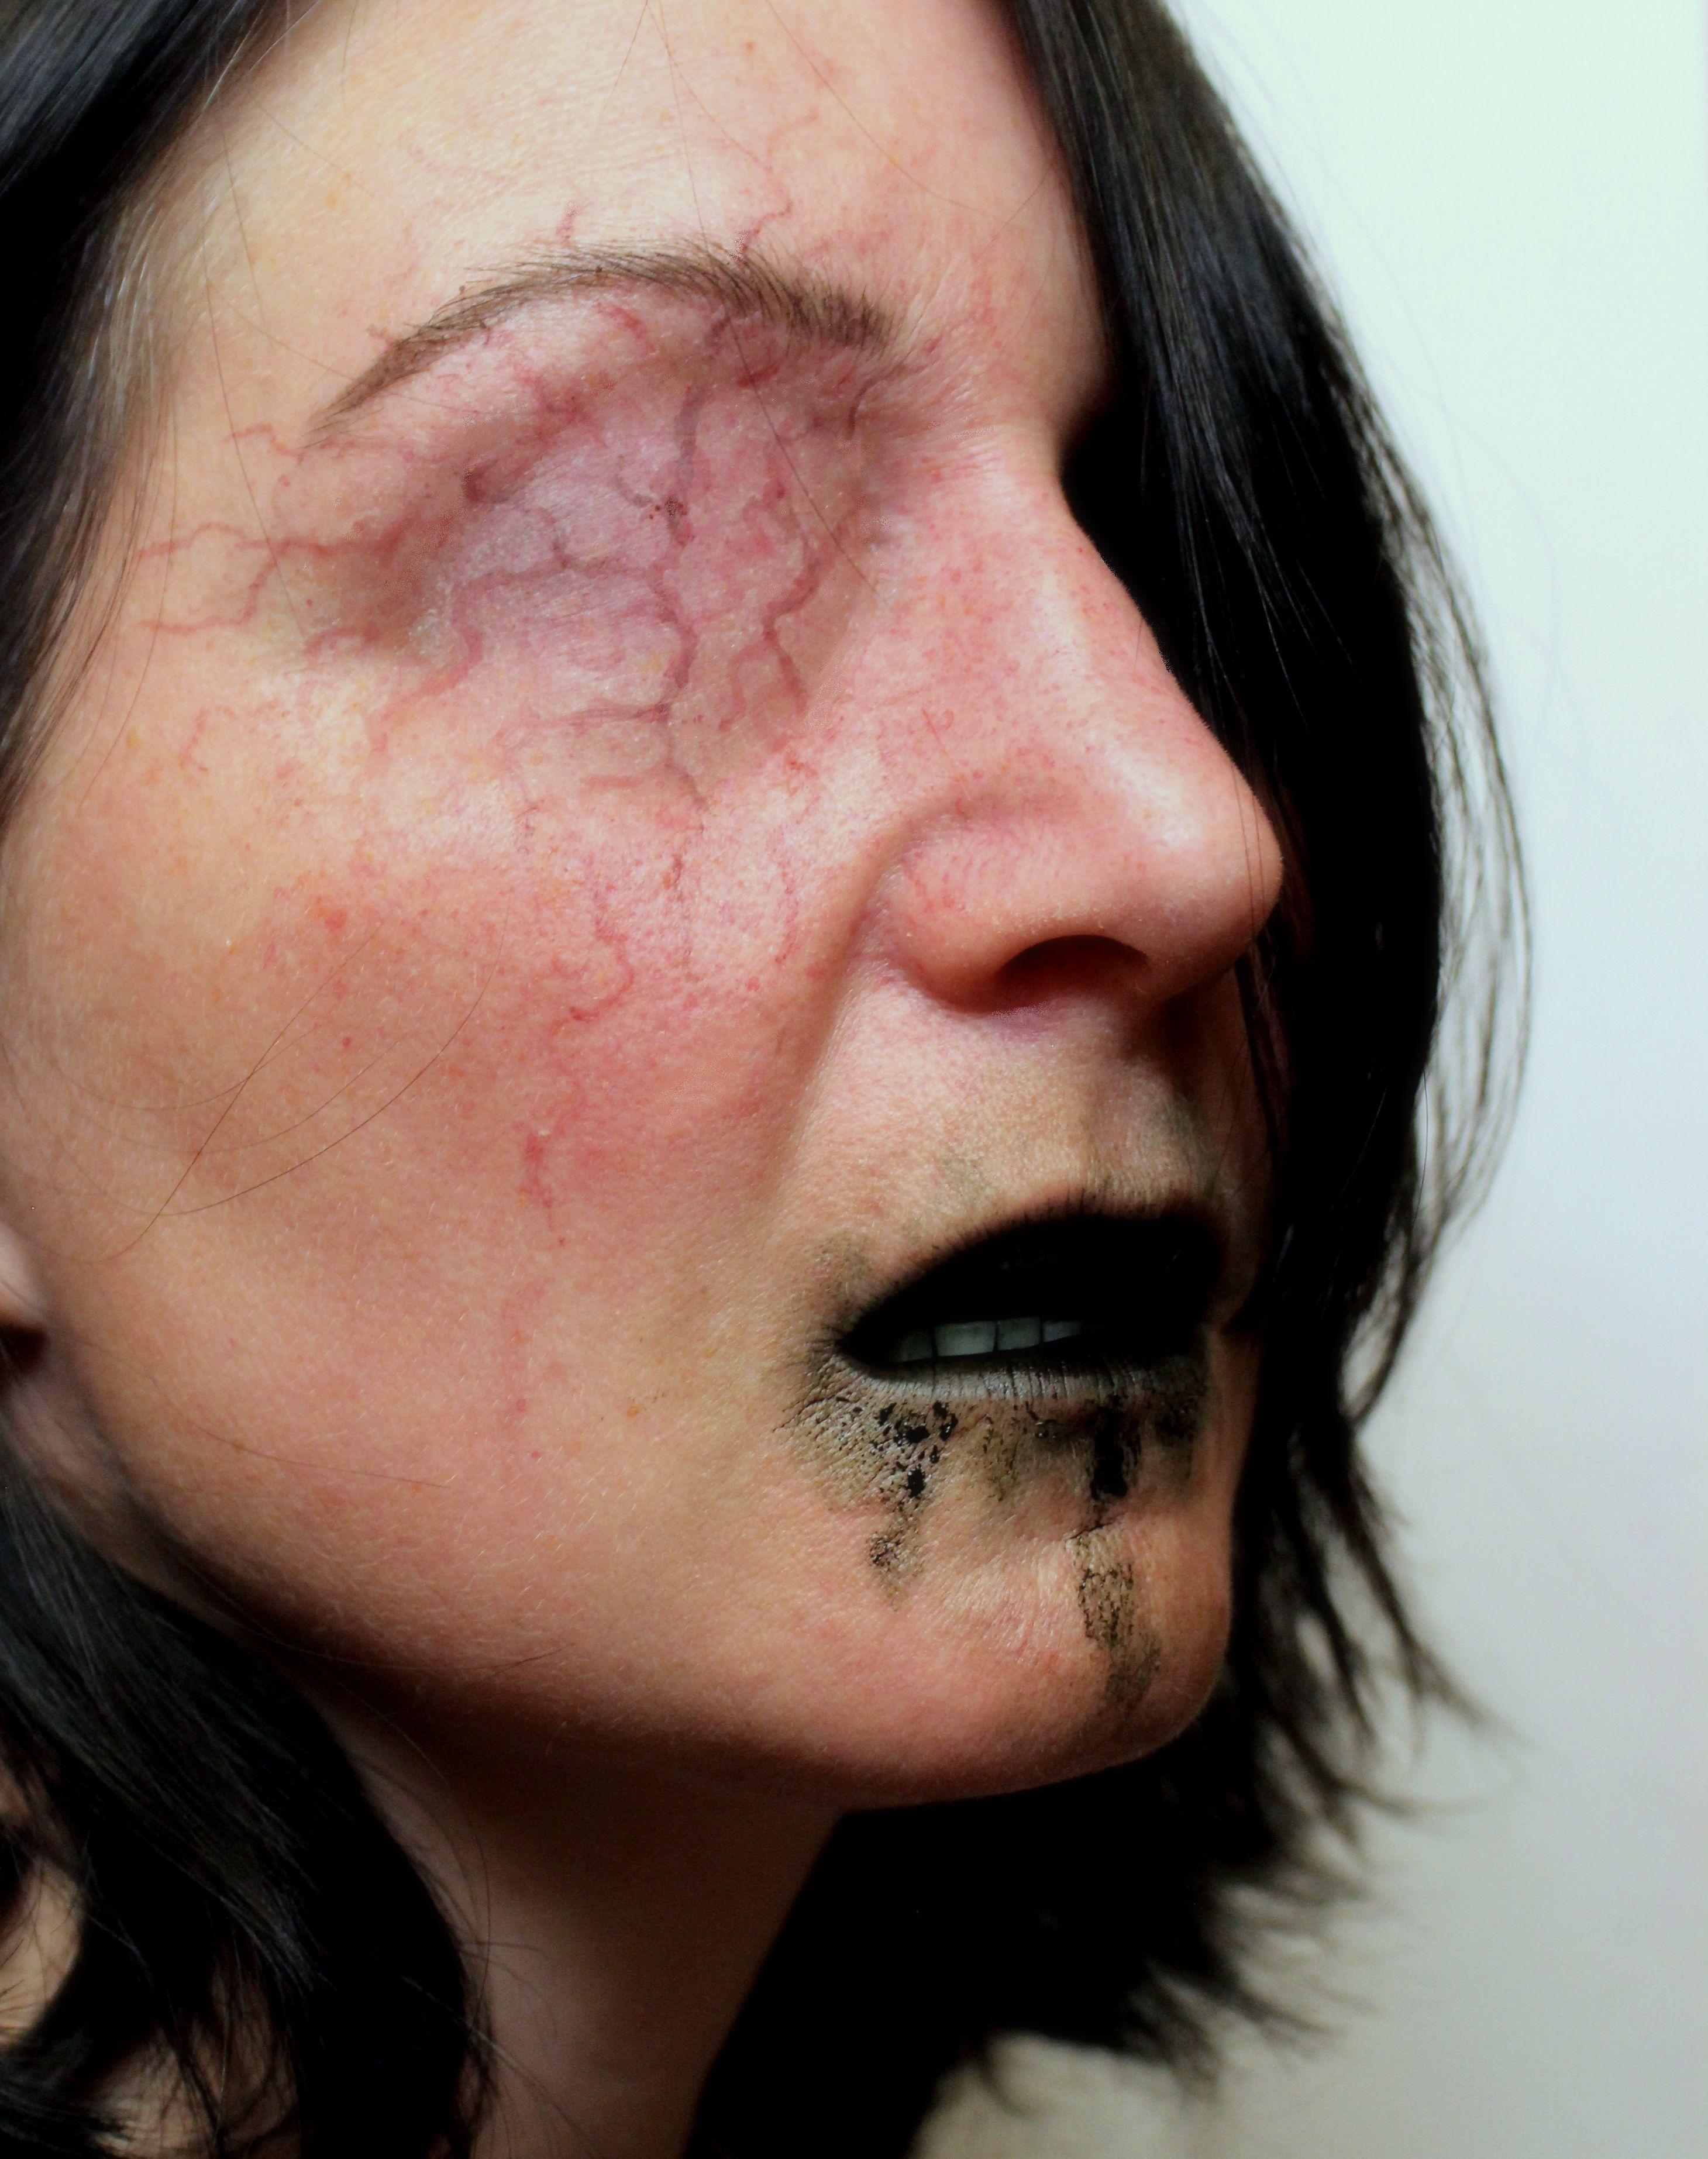 No Eyes By Rhonda Caustonreel Twisted Fx Spfx Makeup